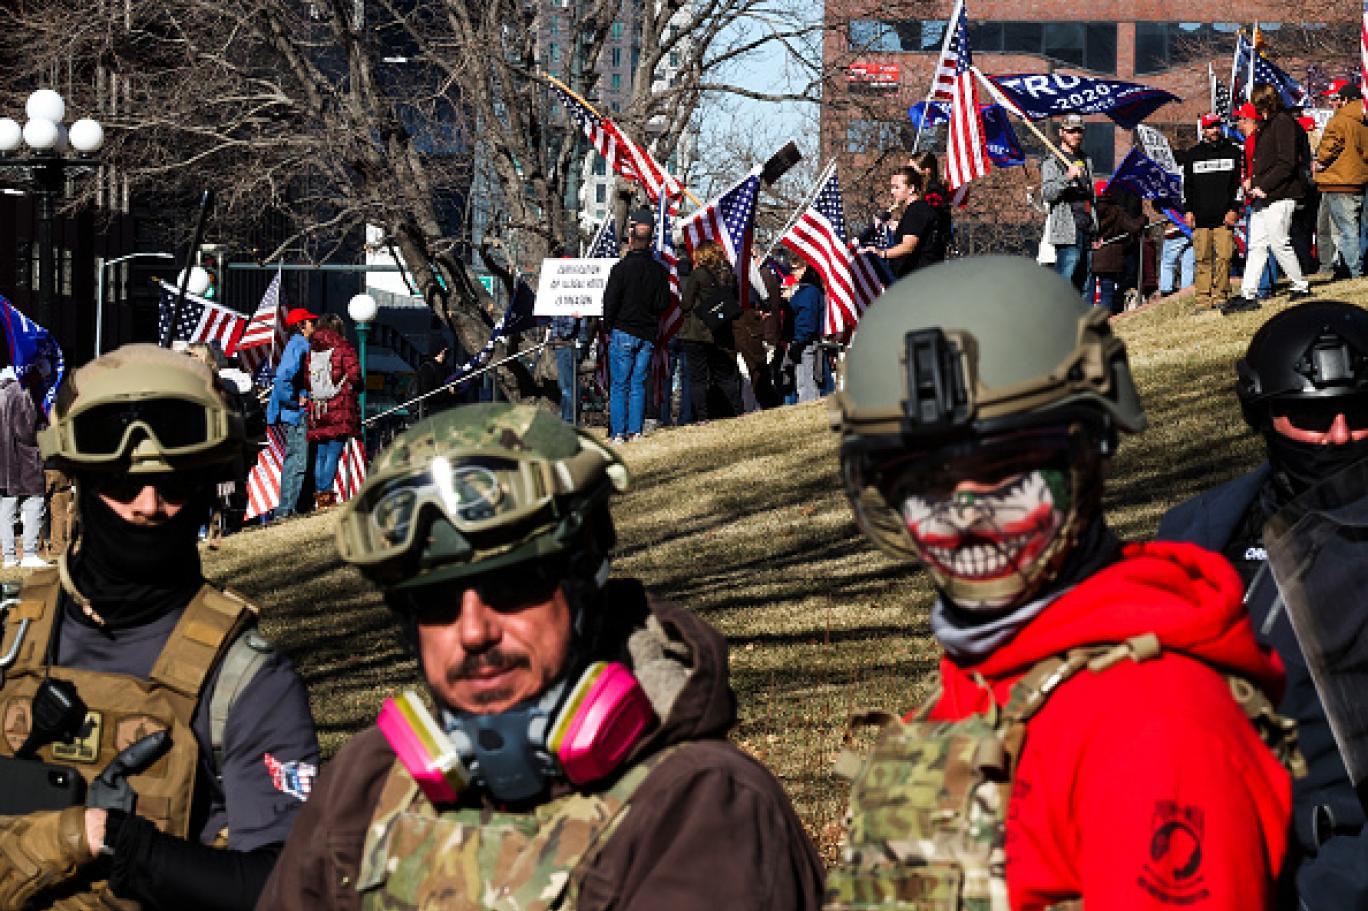 مناصرون للرئيس دونالد ترمب بالملابس العسكرية أمام مبنى الكونغرس (غيتي).jpg